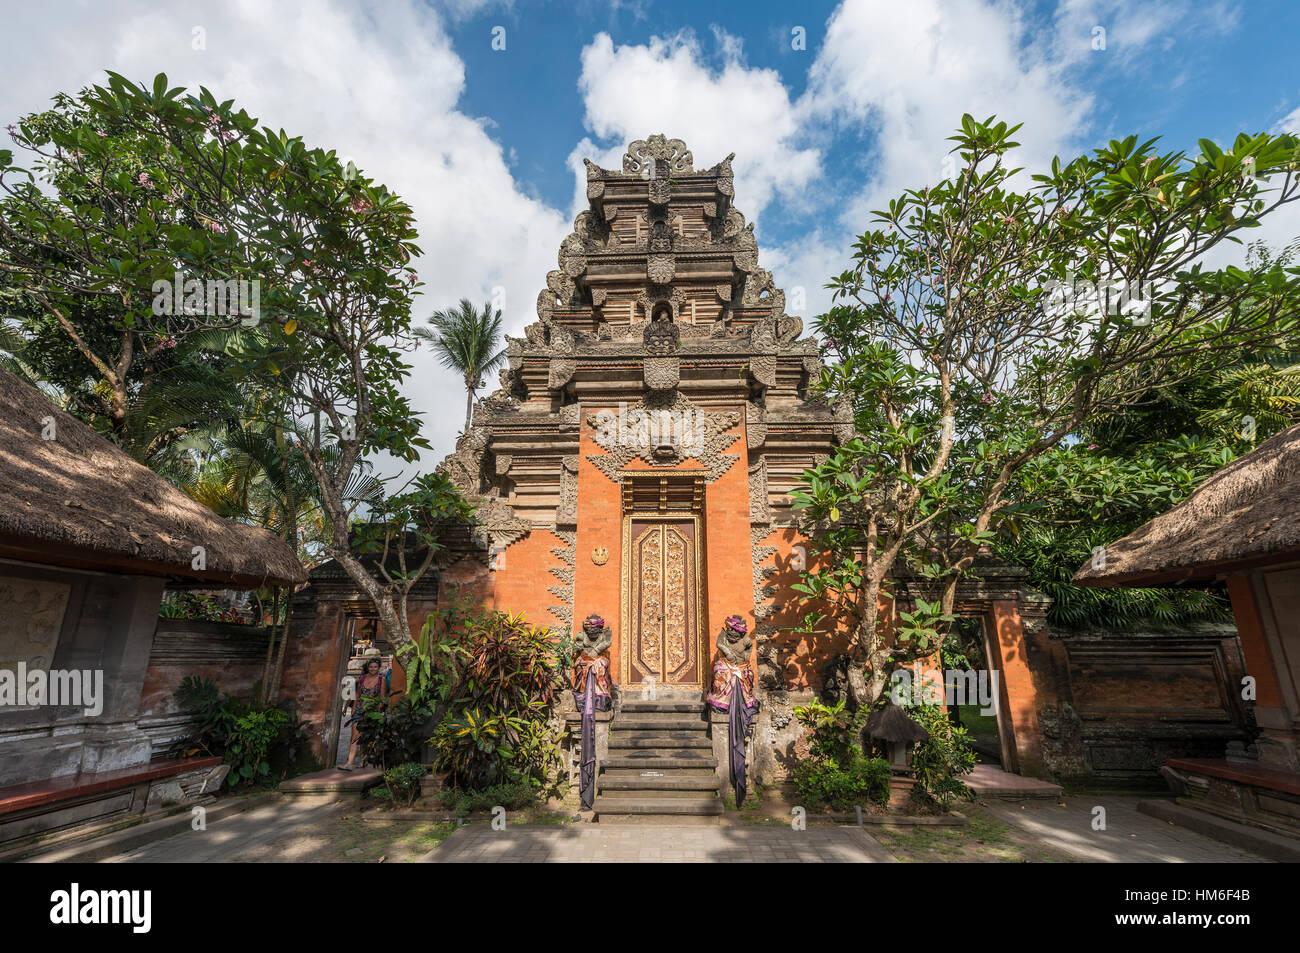 Entrance to Ubud Palace, Bali, Indonesia - Stock Image